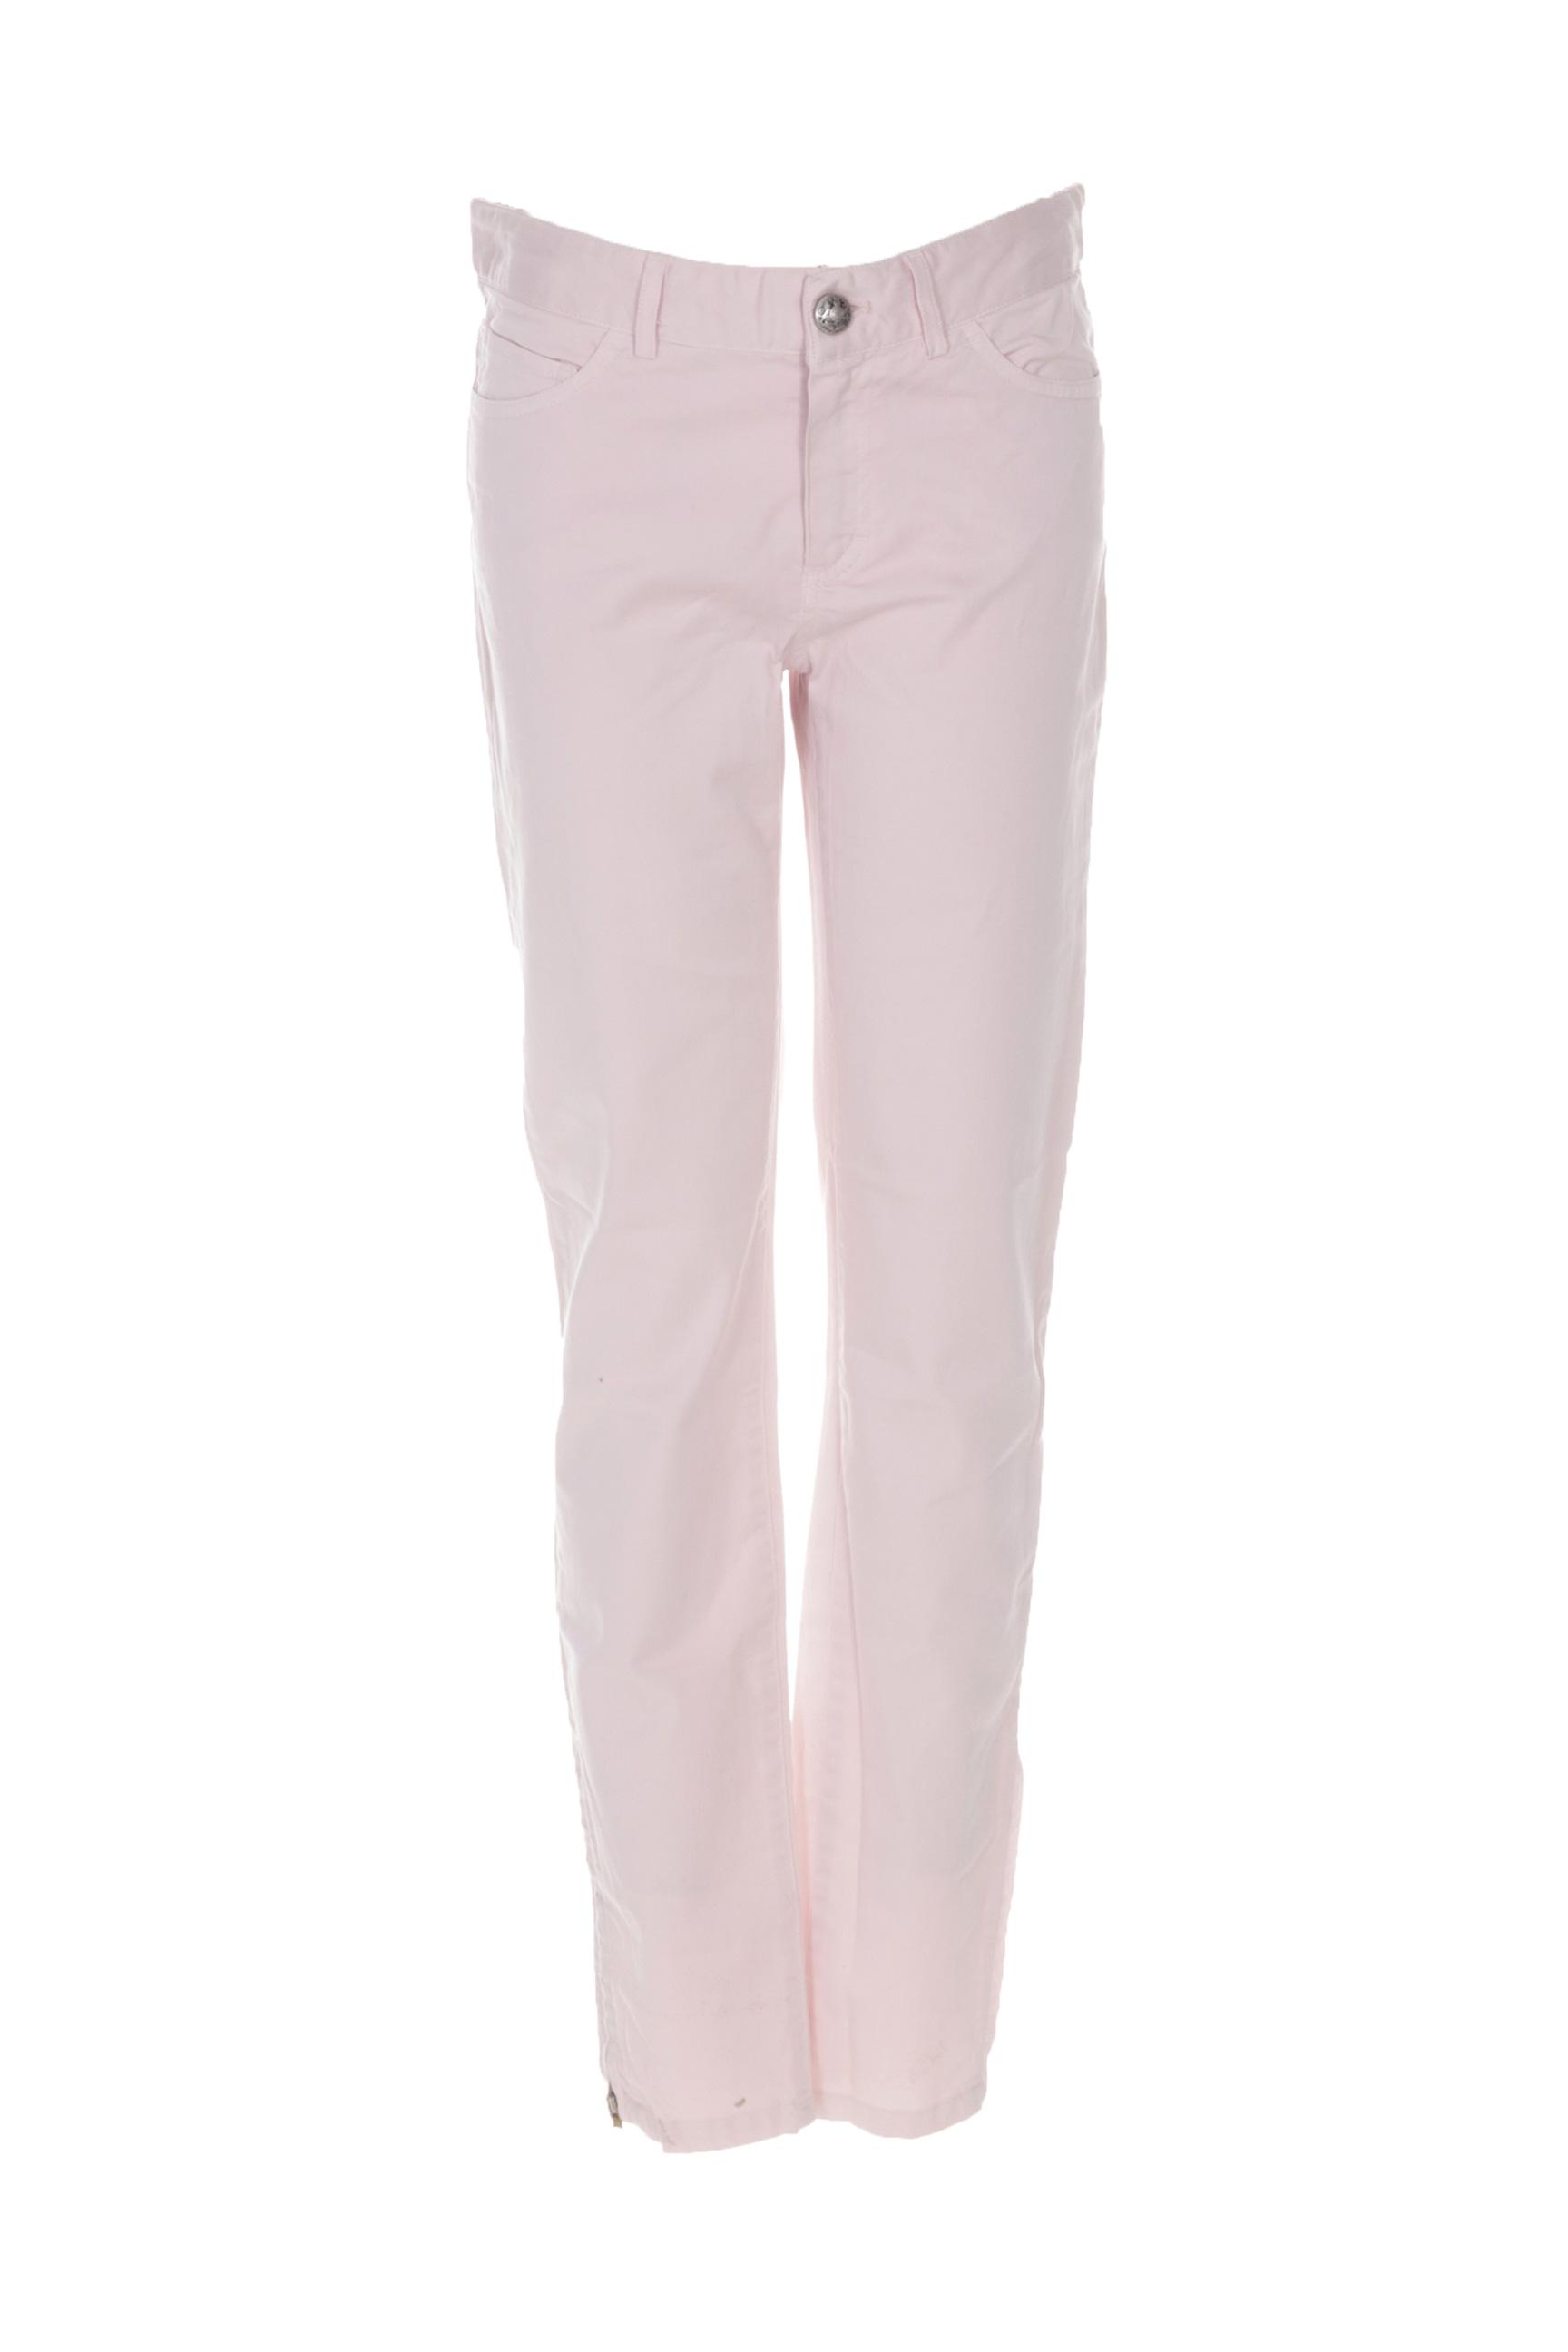 0039 Italy Pantalons Decontractes Femme De Couleur Rose 5pzam